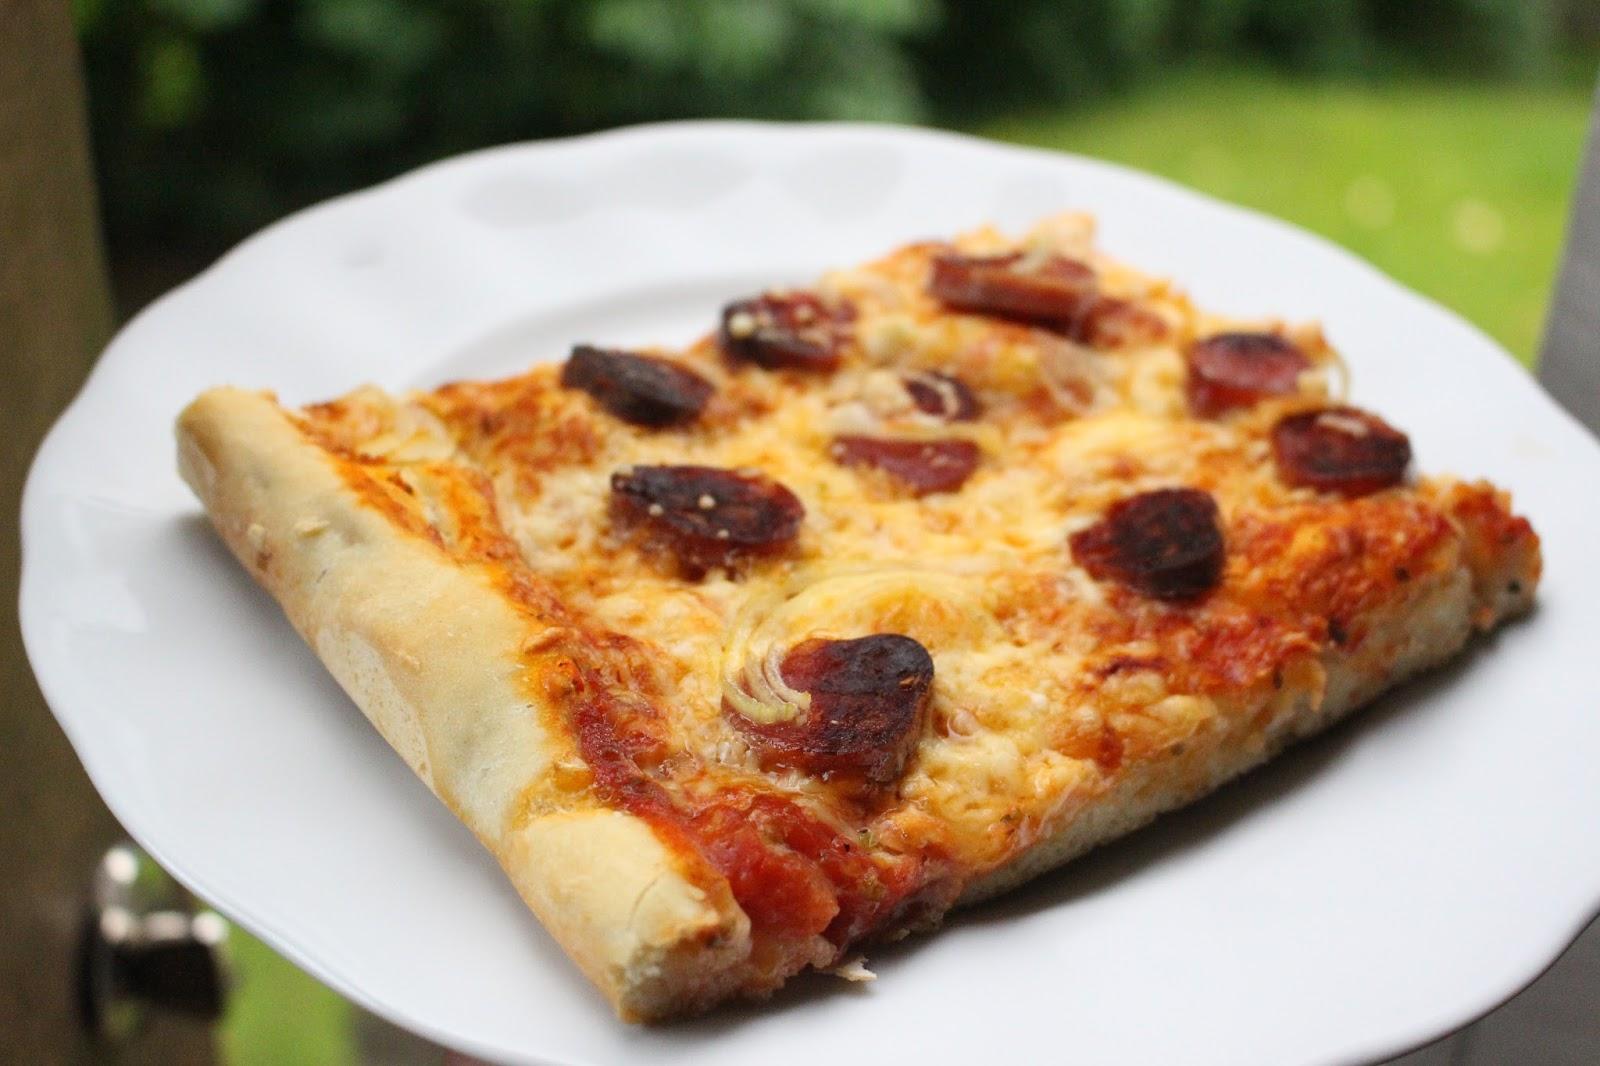 wesfood schweden 2016 pizza vom blech. Black Bedroom Furniture Sets. Home Design Ideas